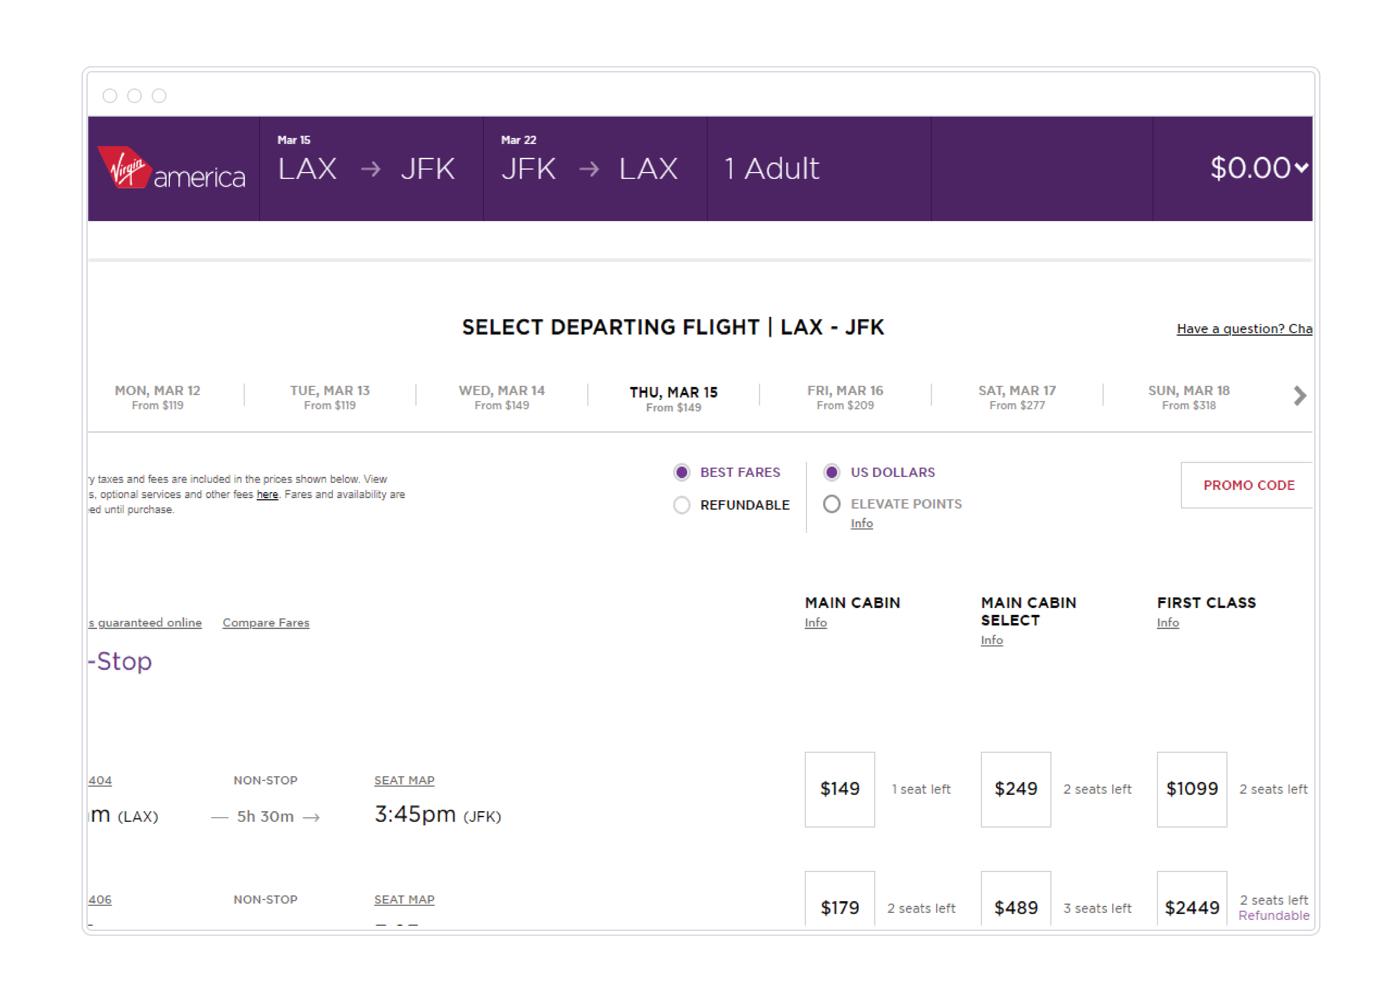 Example Virgin America flight options.